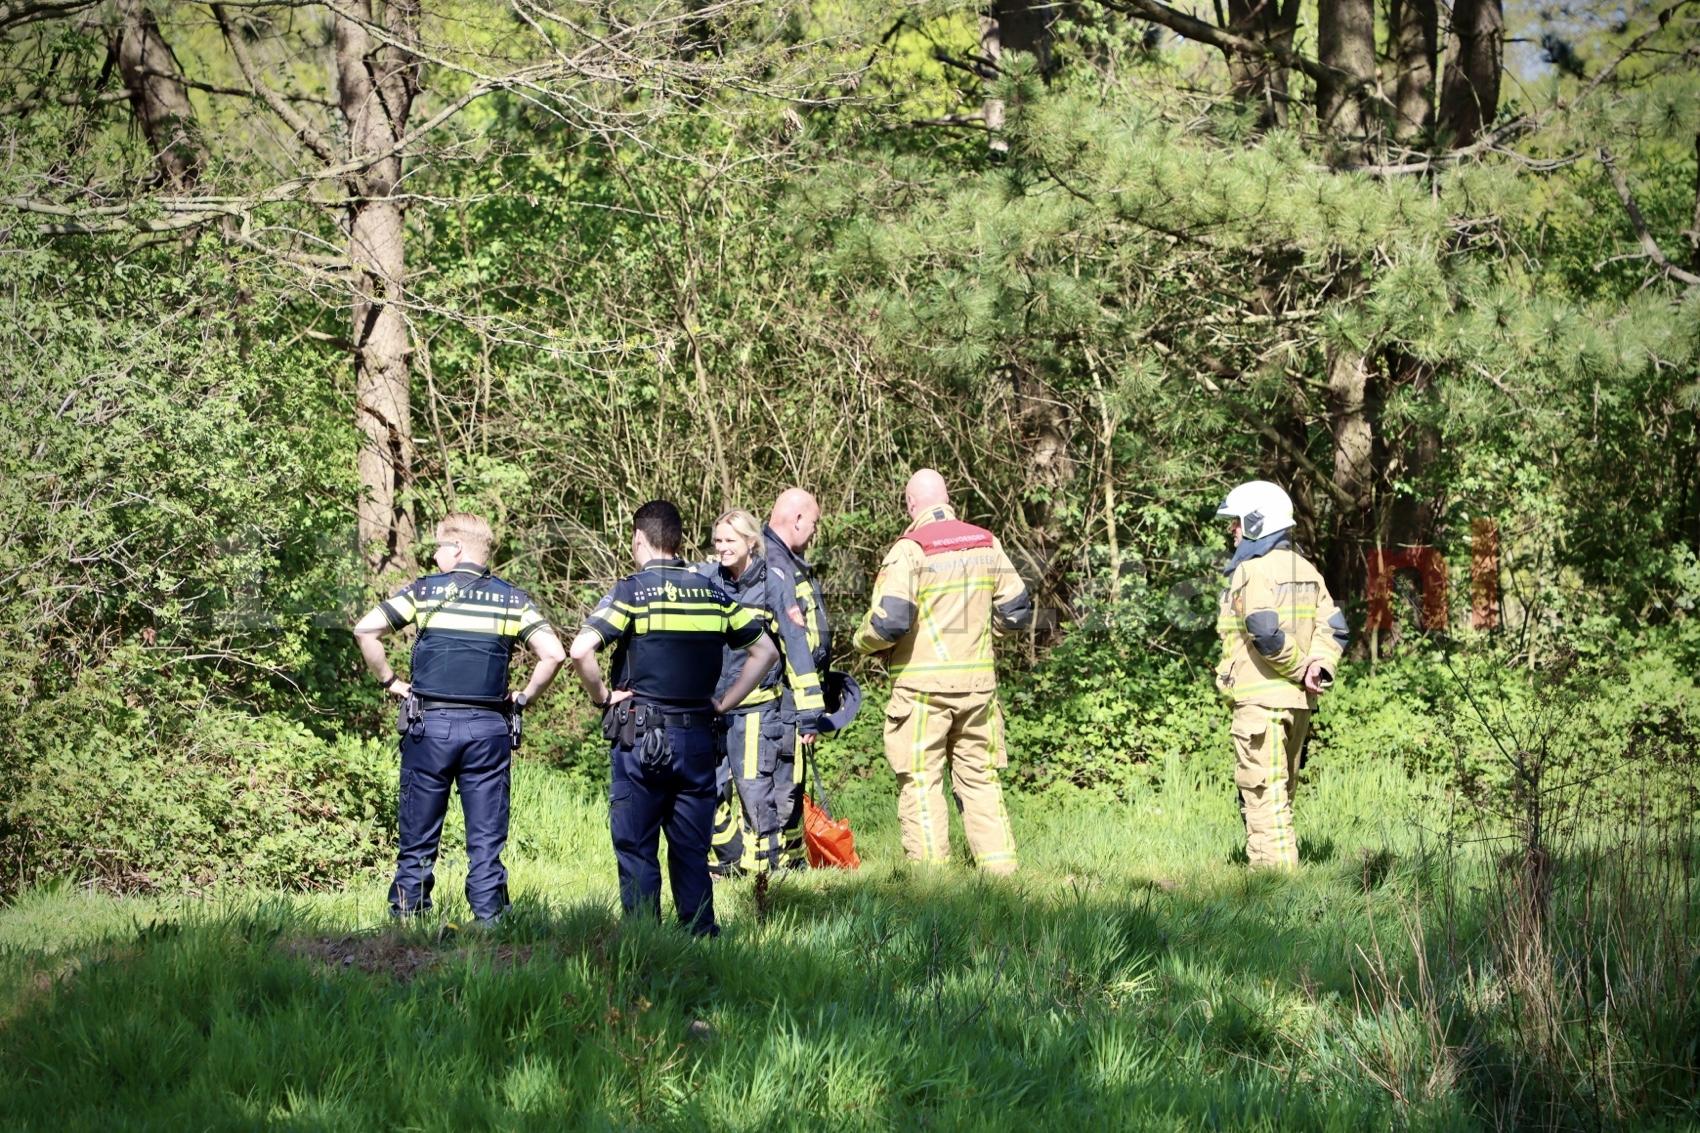 UPDATE: Politie zoekt getuigen van brandstichting Vondellaan Oldenzaal